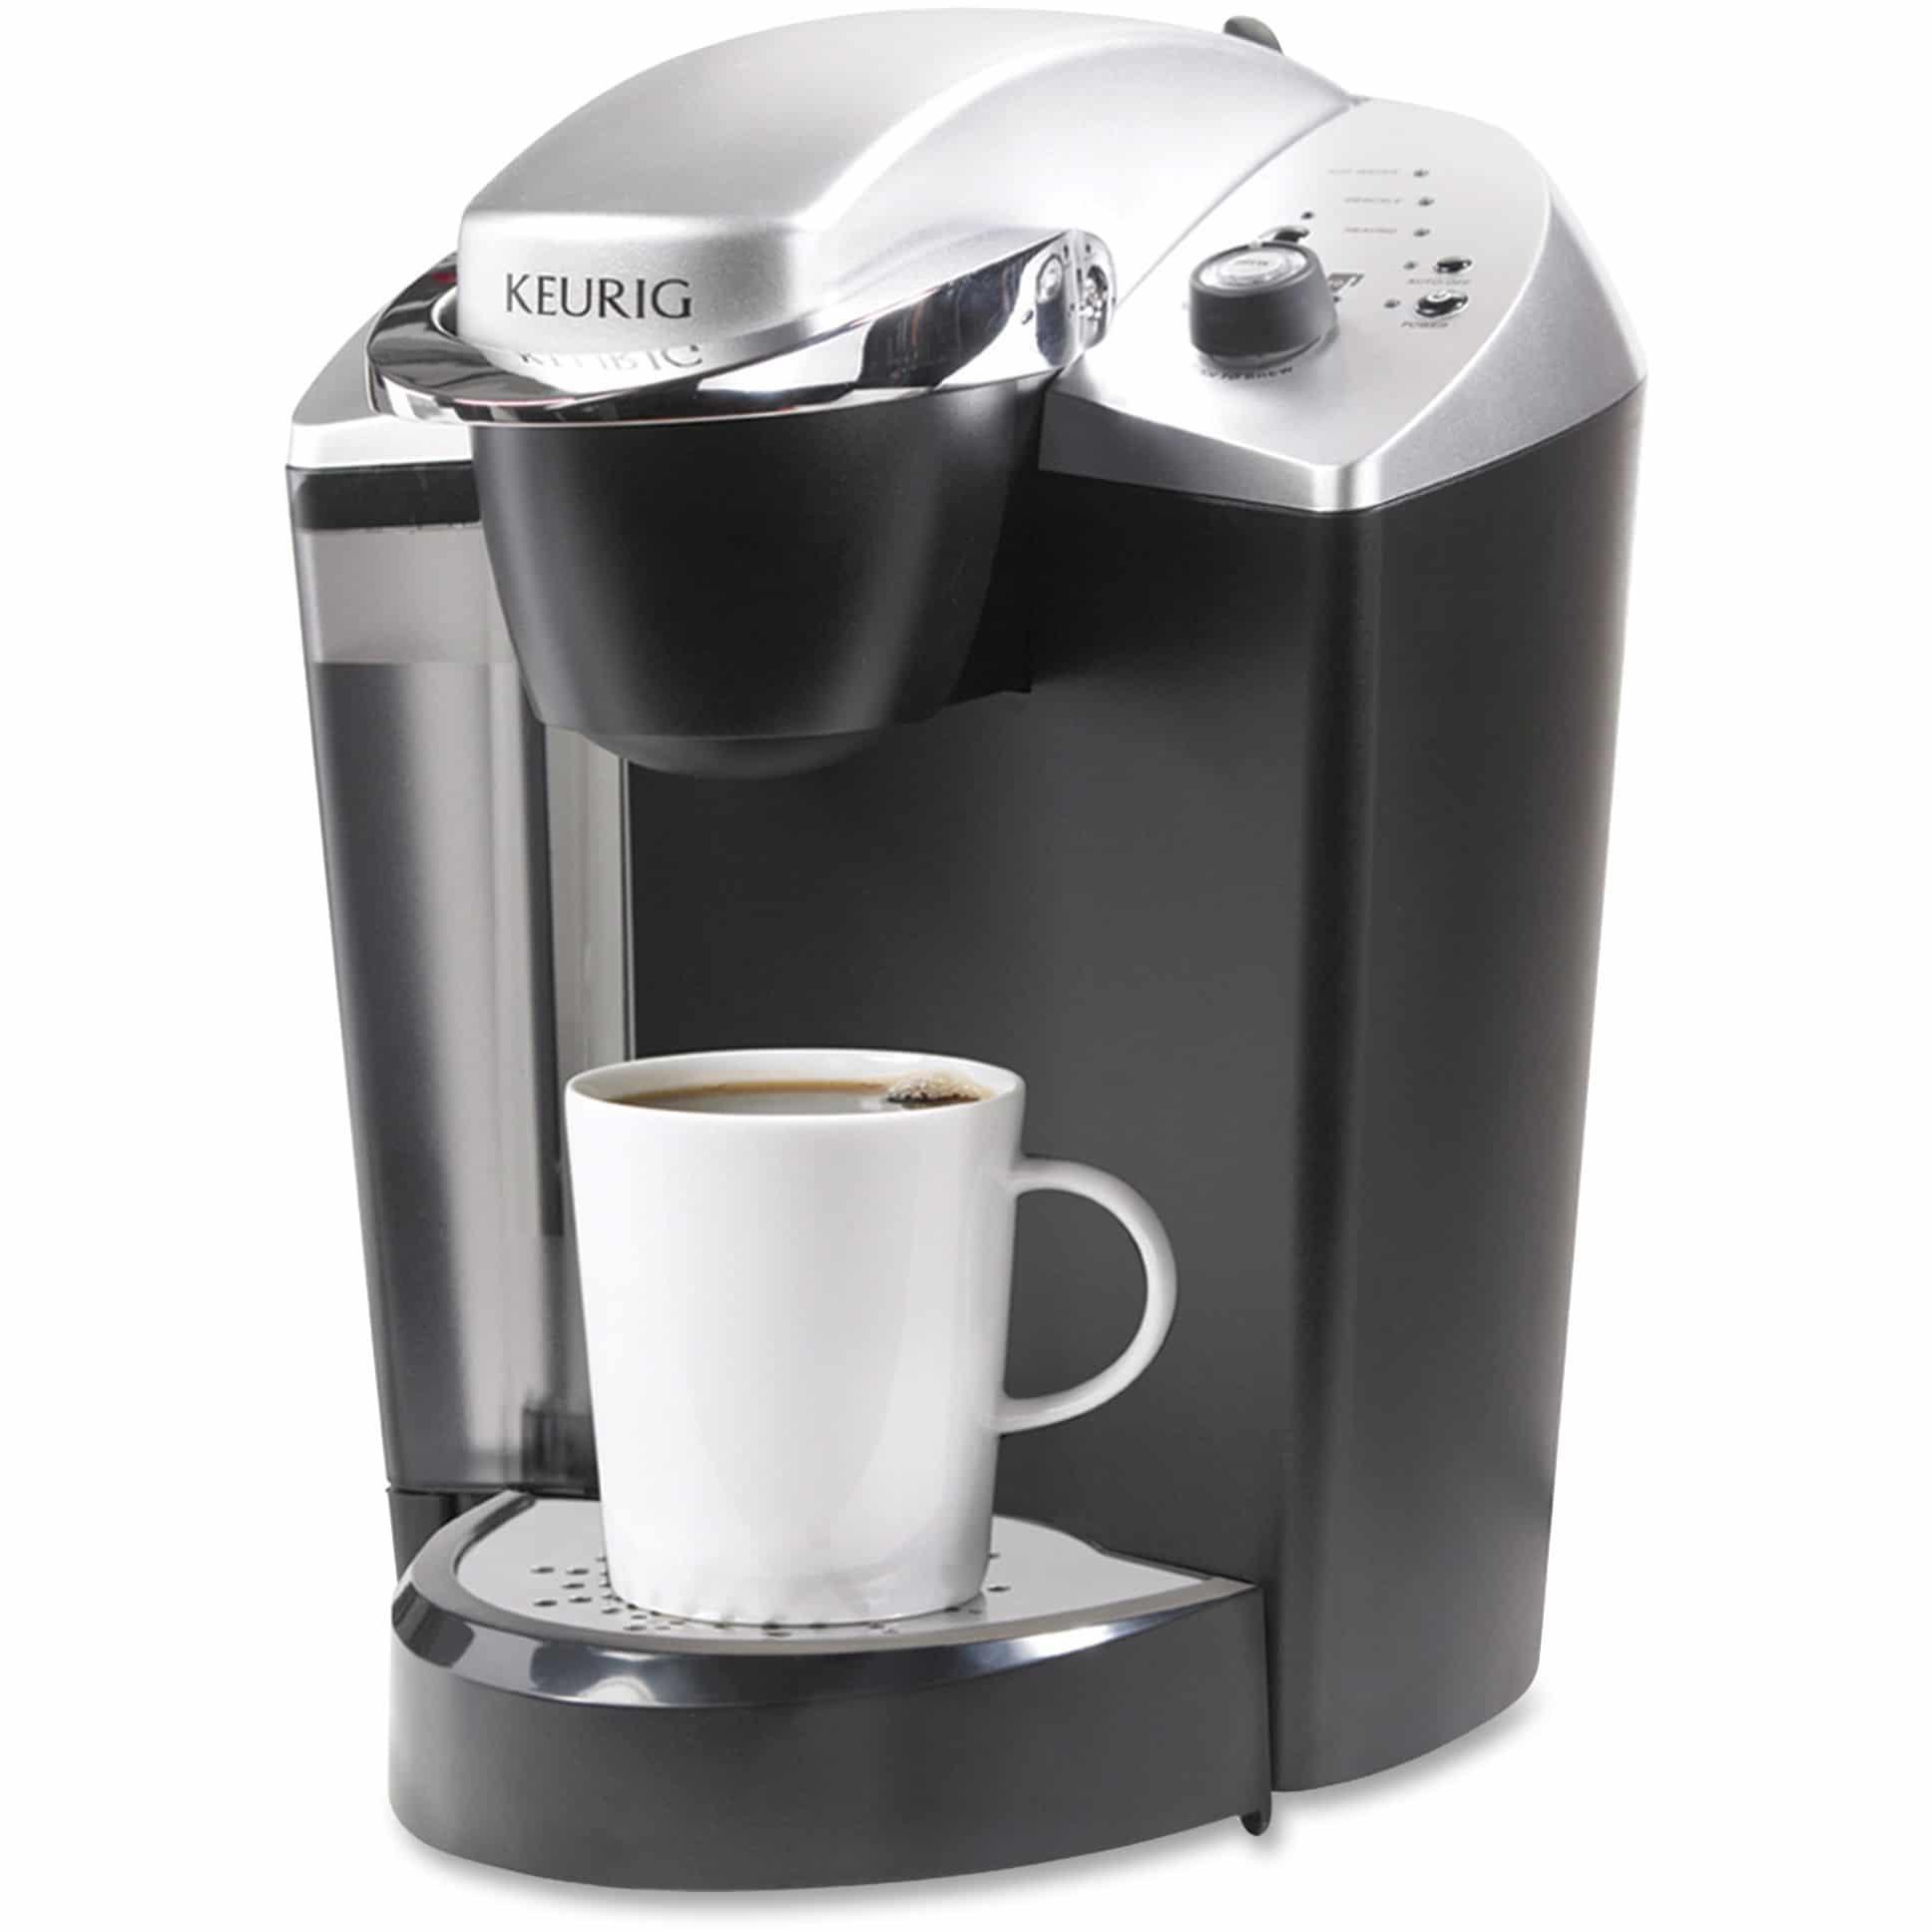 10 Best Keurig Coffee Makers Reviewed in Detail (Feb. 2020)